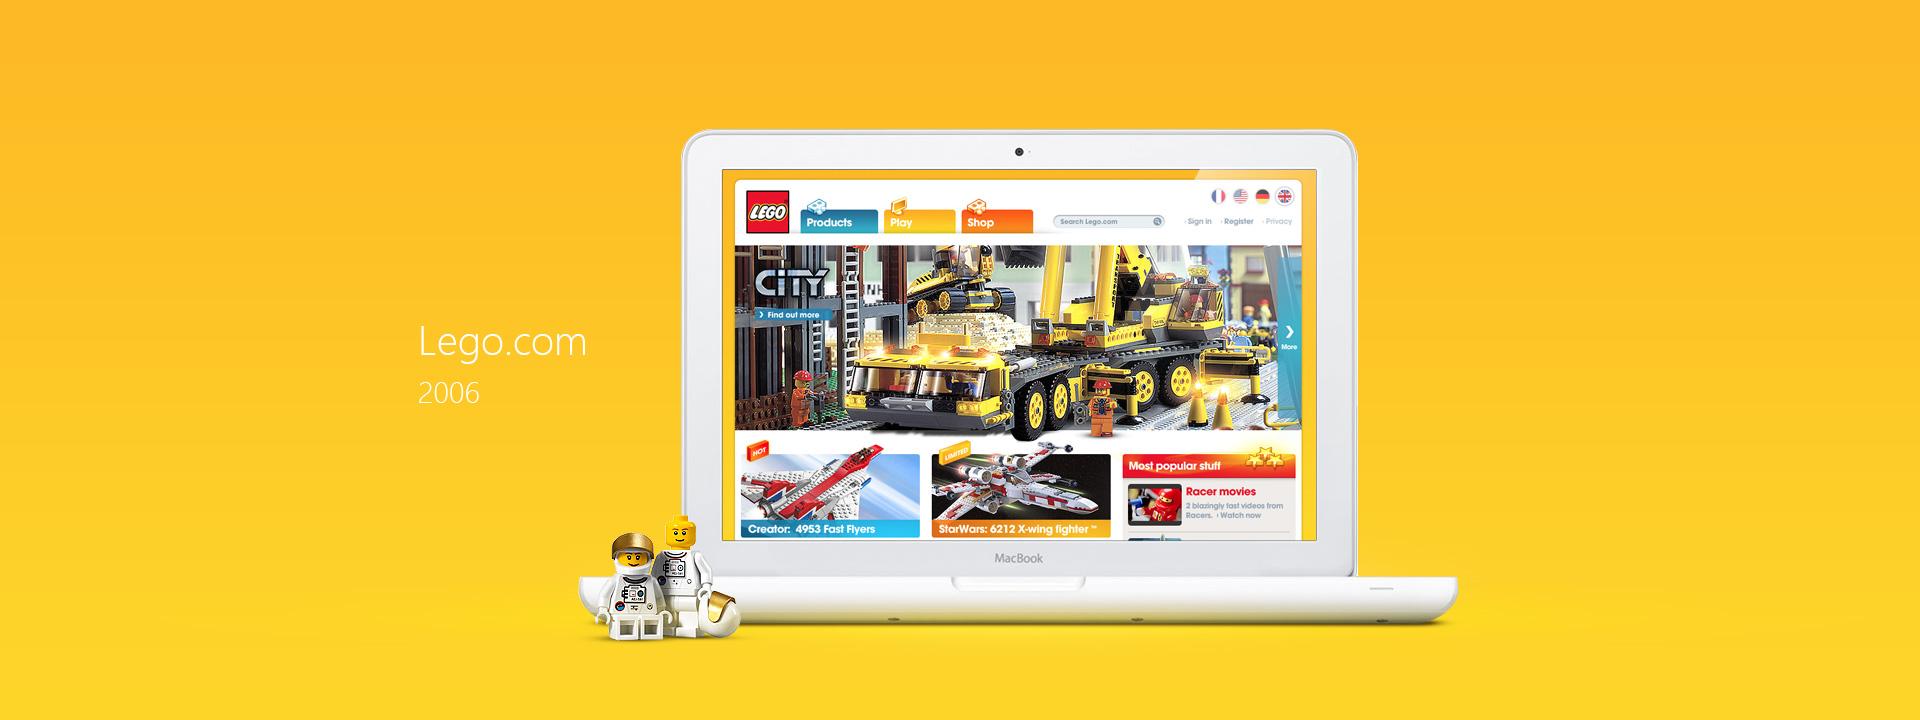 lego.com.jpg